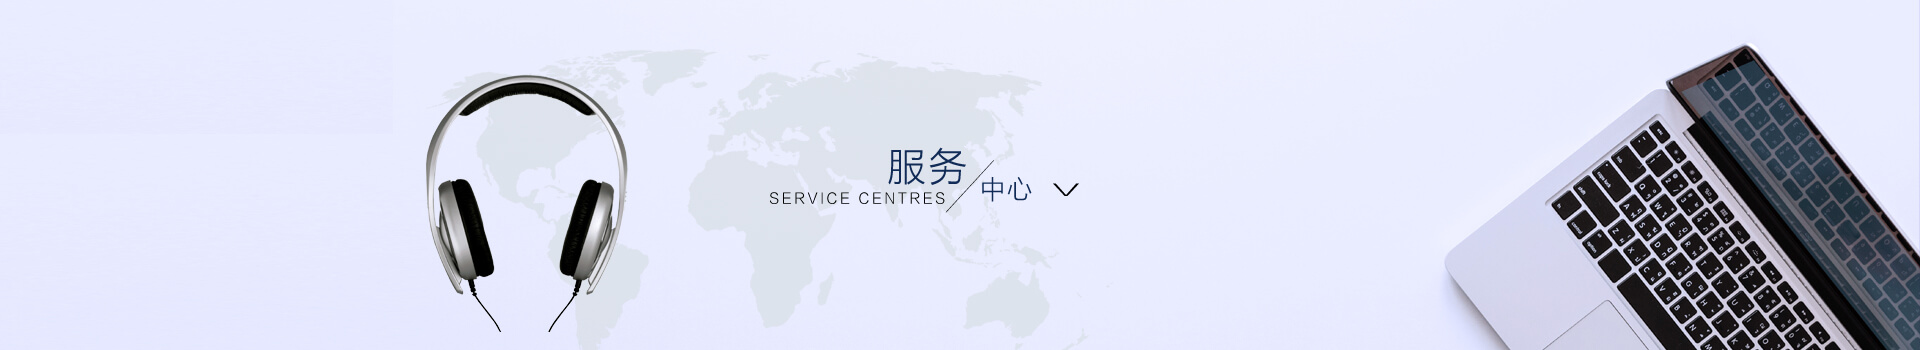 嘉世达品牌中心